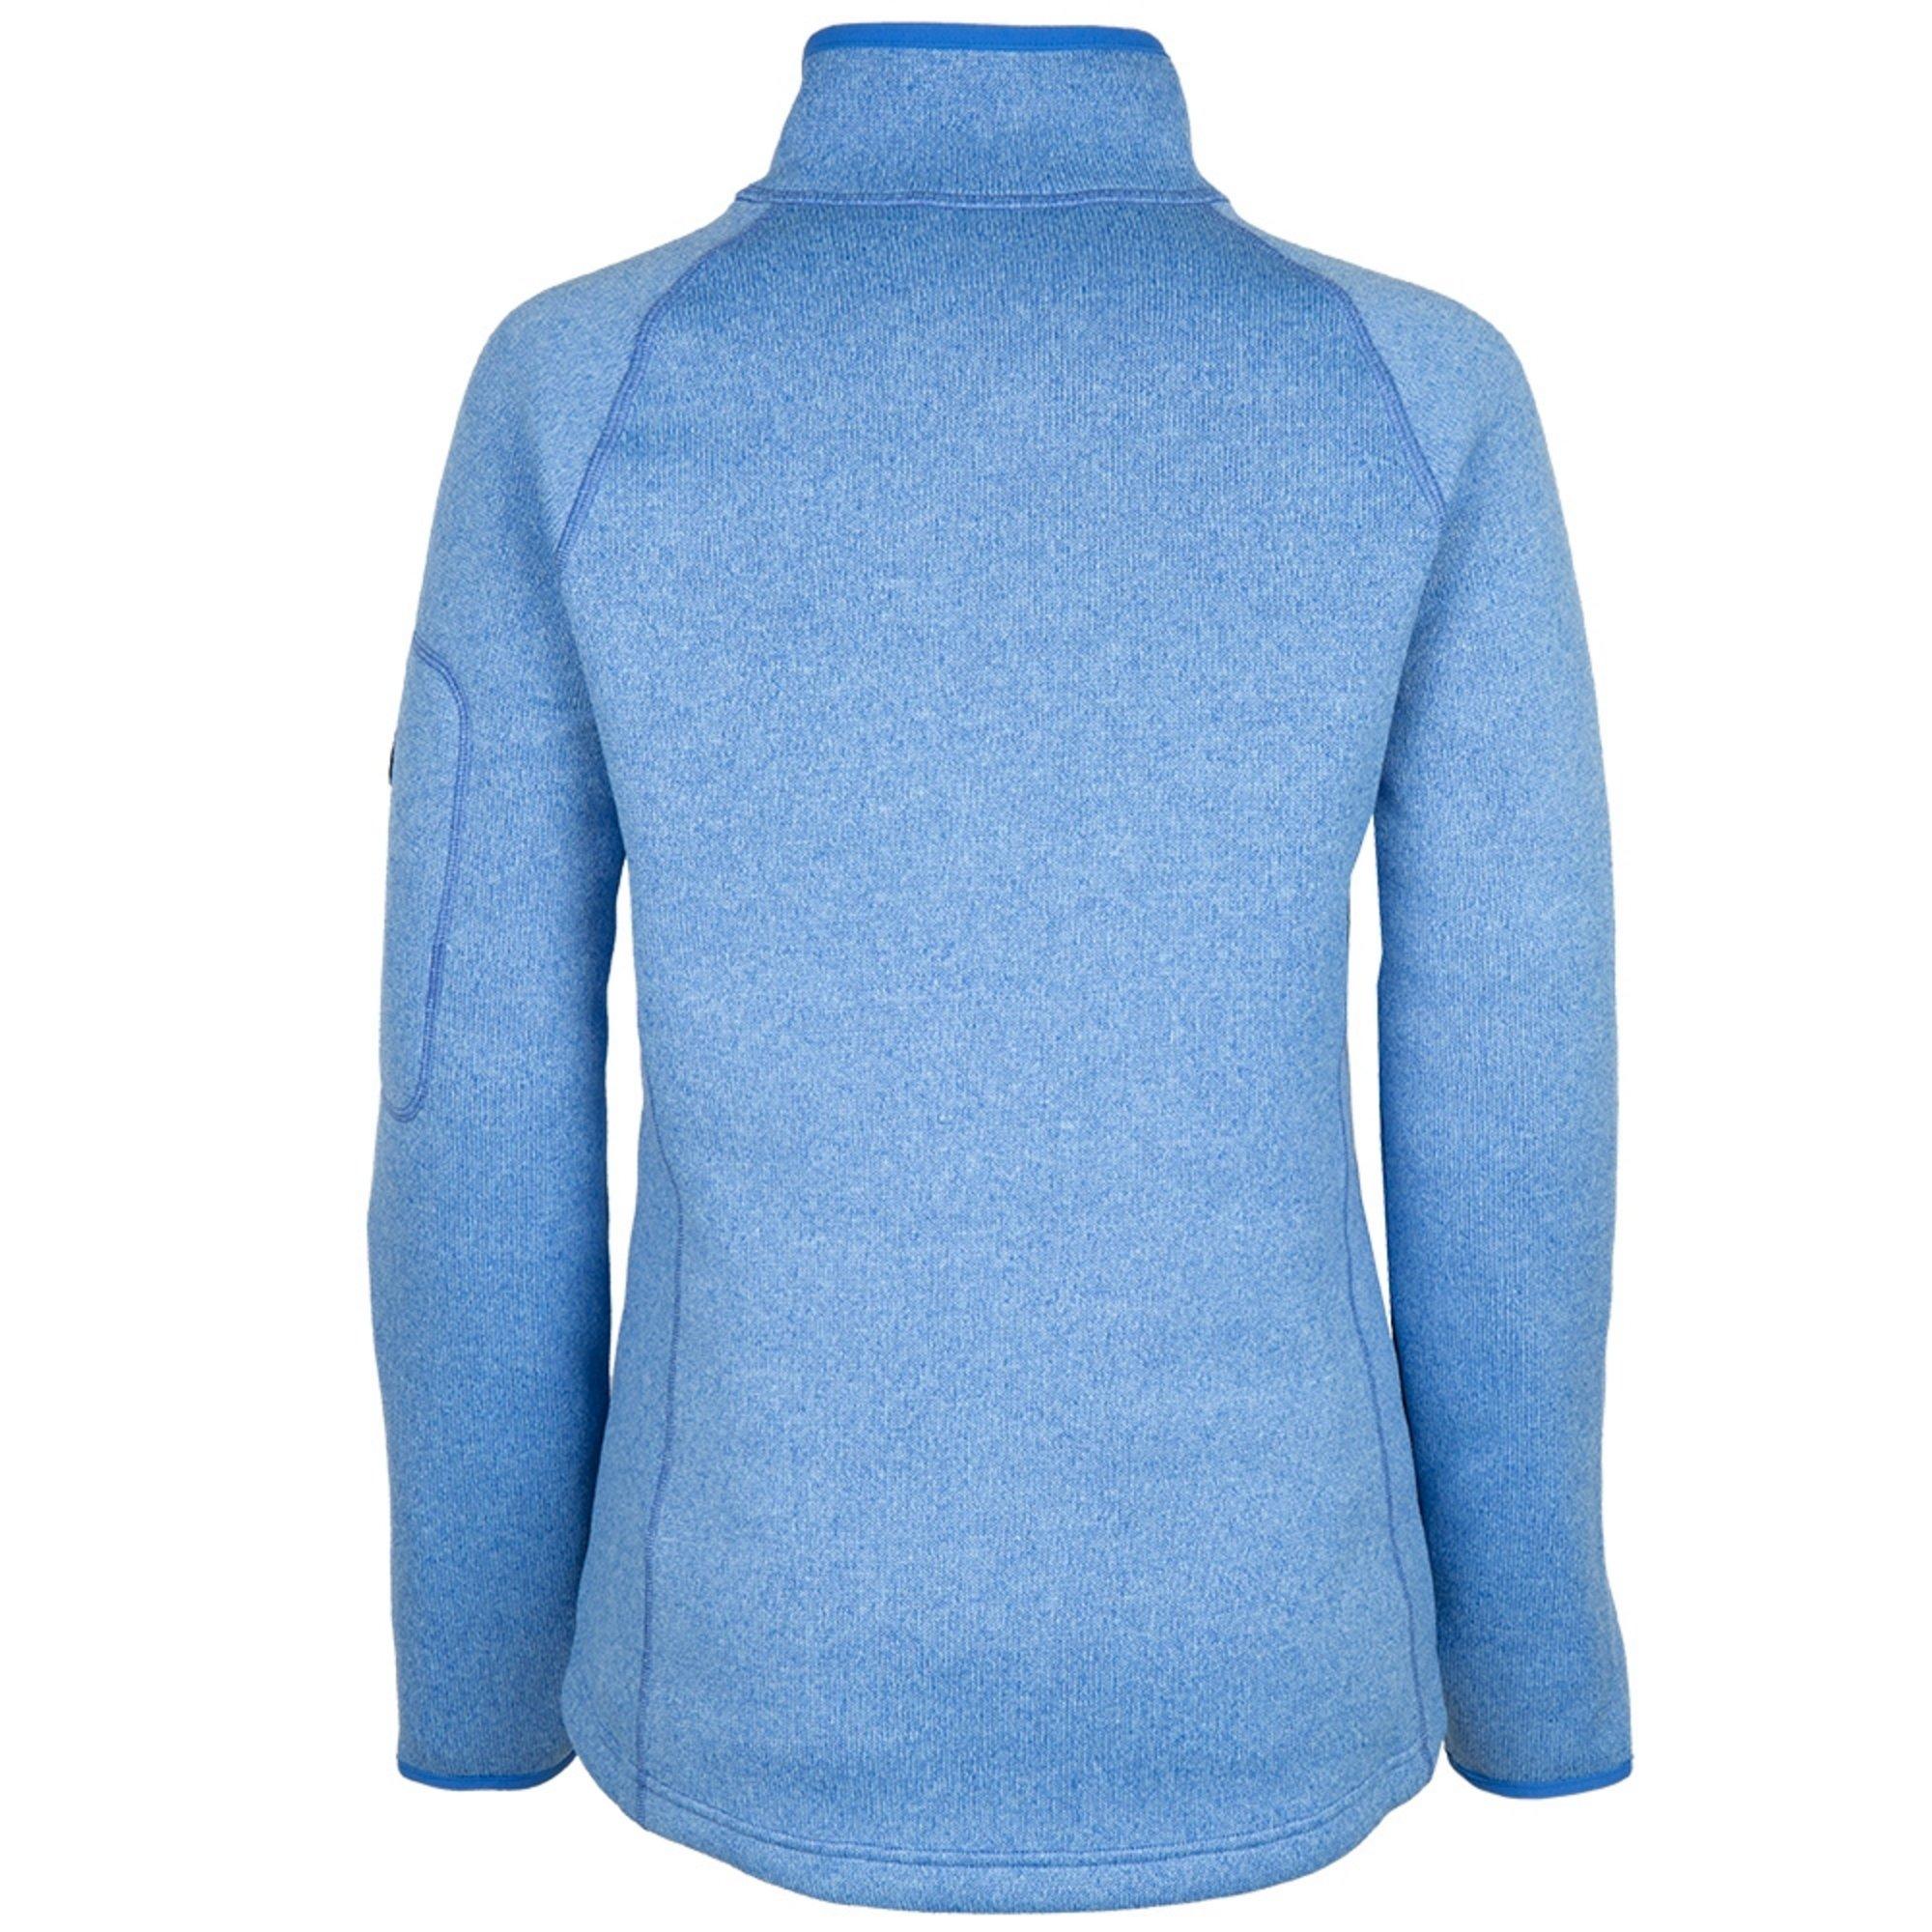 Women's Knit Fleece - 1492W-BLU18-3.jpg